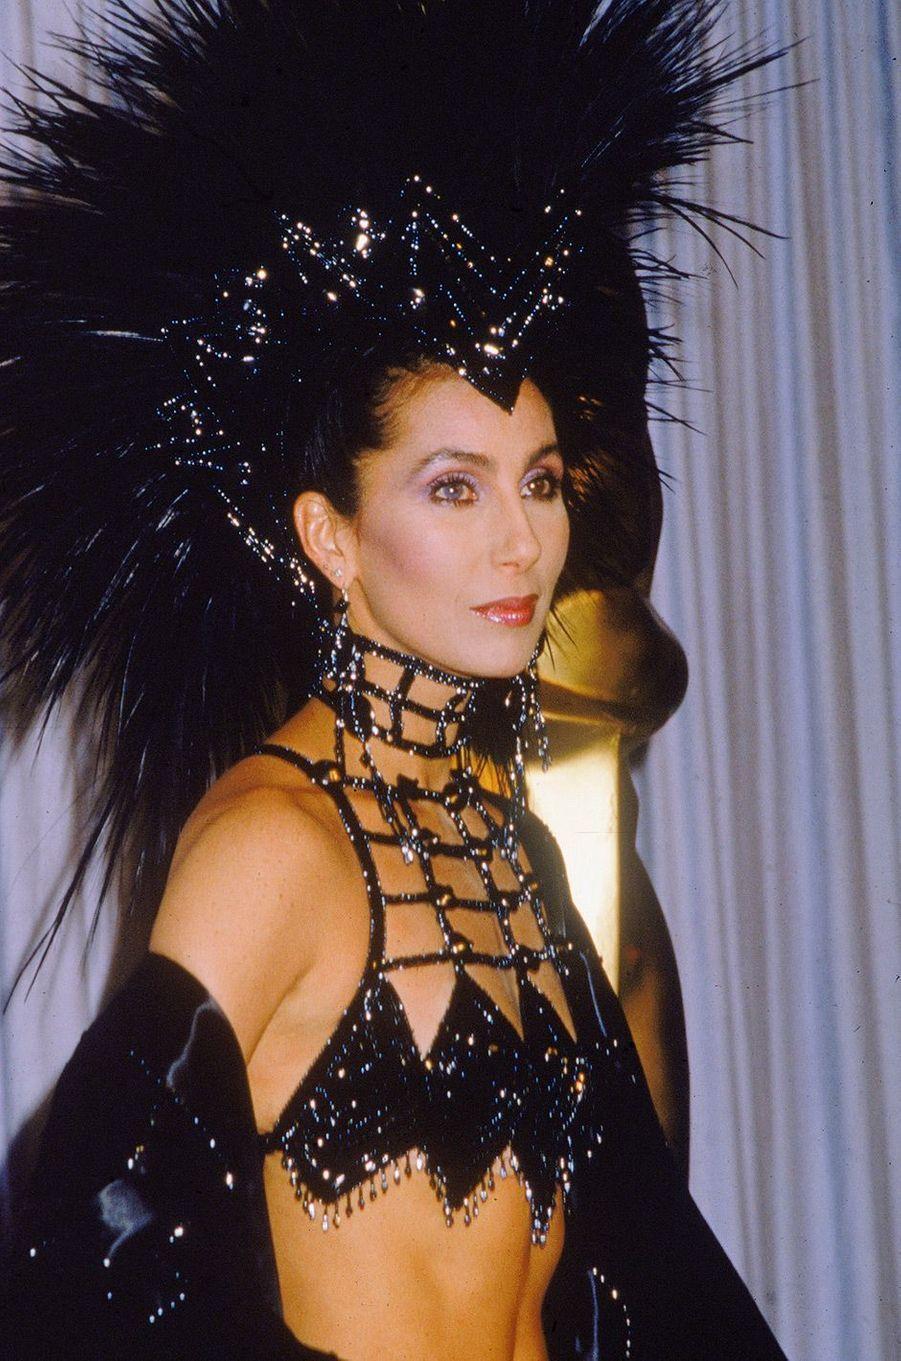 """58ème cérémonie des Oscars (1986)Plumes et paillettes. Alors qu'elle venait décerner l'Oscar du meilleur acteur dans un second rôle, Cher a fait sensation dans une tenue extravagante. """"Comme vous pouvez le voir, j'ai bien reçu la brochure de l'Academy expliquant comment s'habiller comme une actrice sérieuse"""", a-t-elle commenté avec humour.(Photo : Cher ne respecte pas vraiment le dress code aux Oscars de 1986)"""